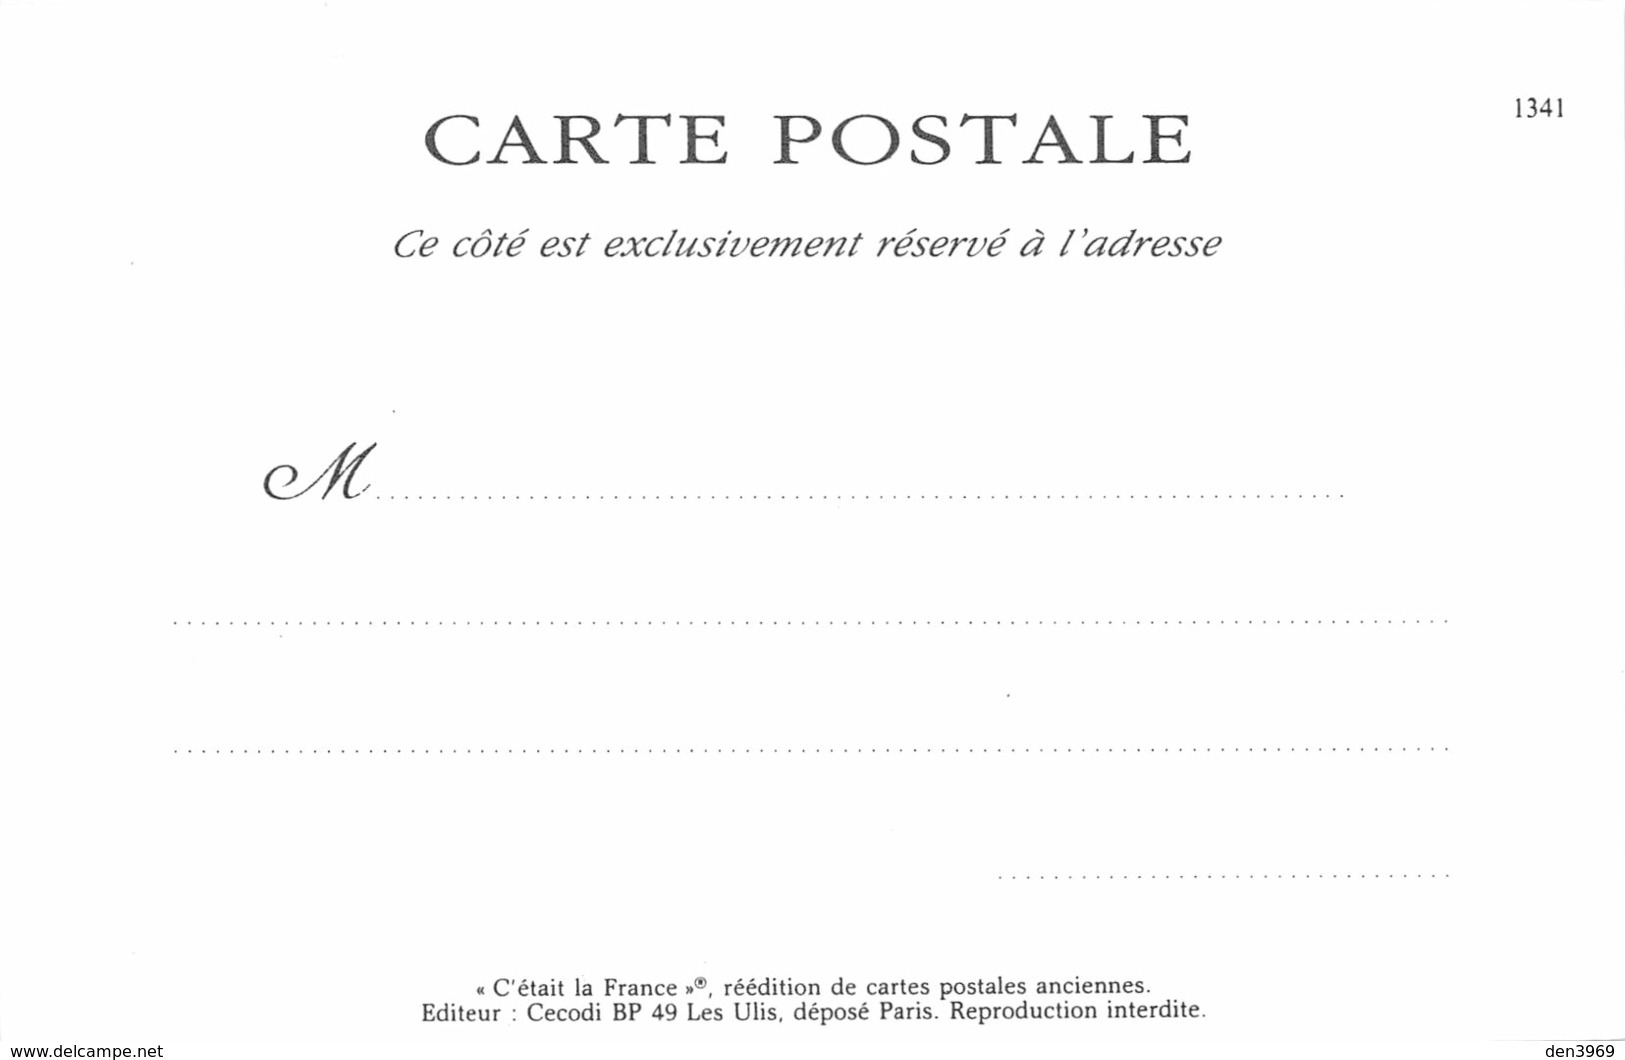 Ardèche Pittoresque - L'Elevage Du Ver à Soie - Le Décoconage Dans Une Ferme Ardéchoise - Cecodi N'1341 - Non Classés